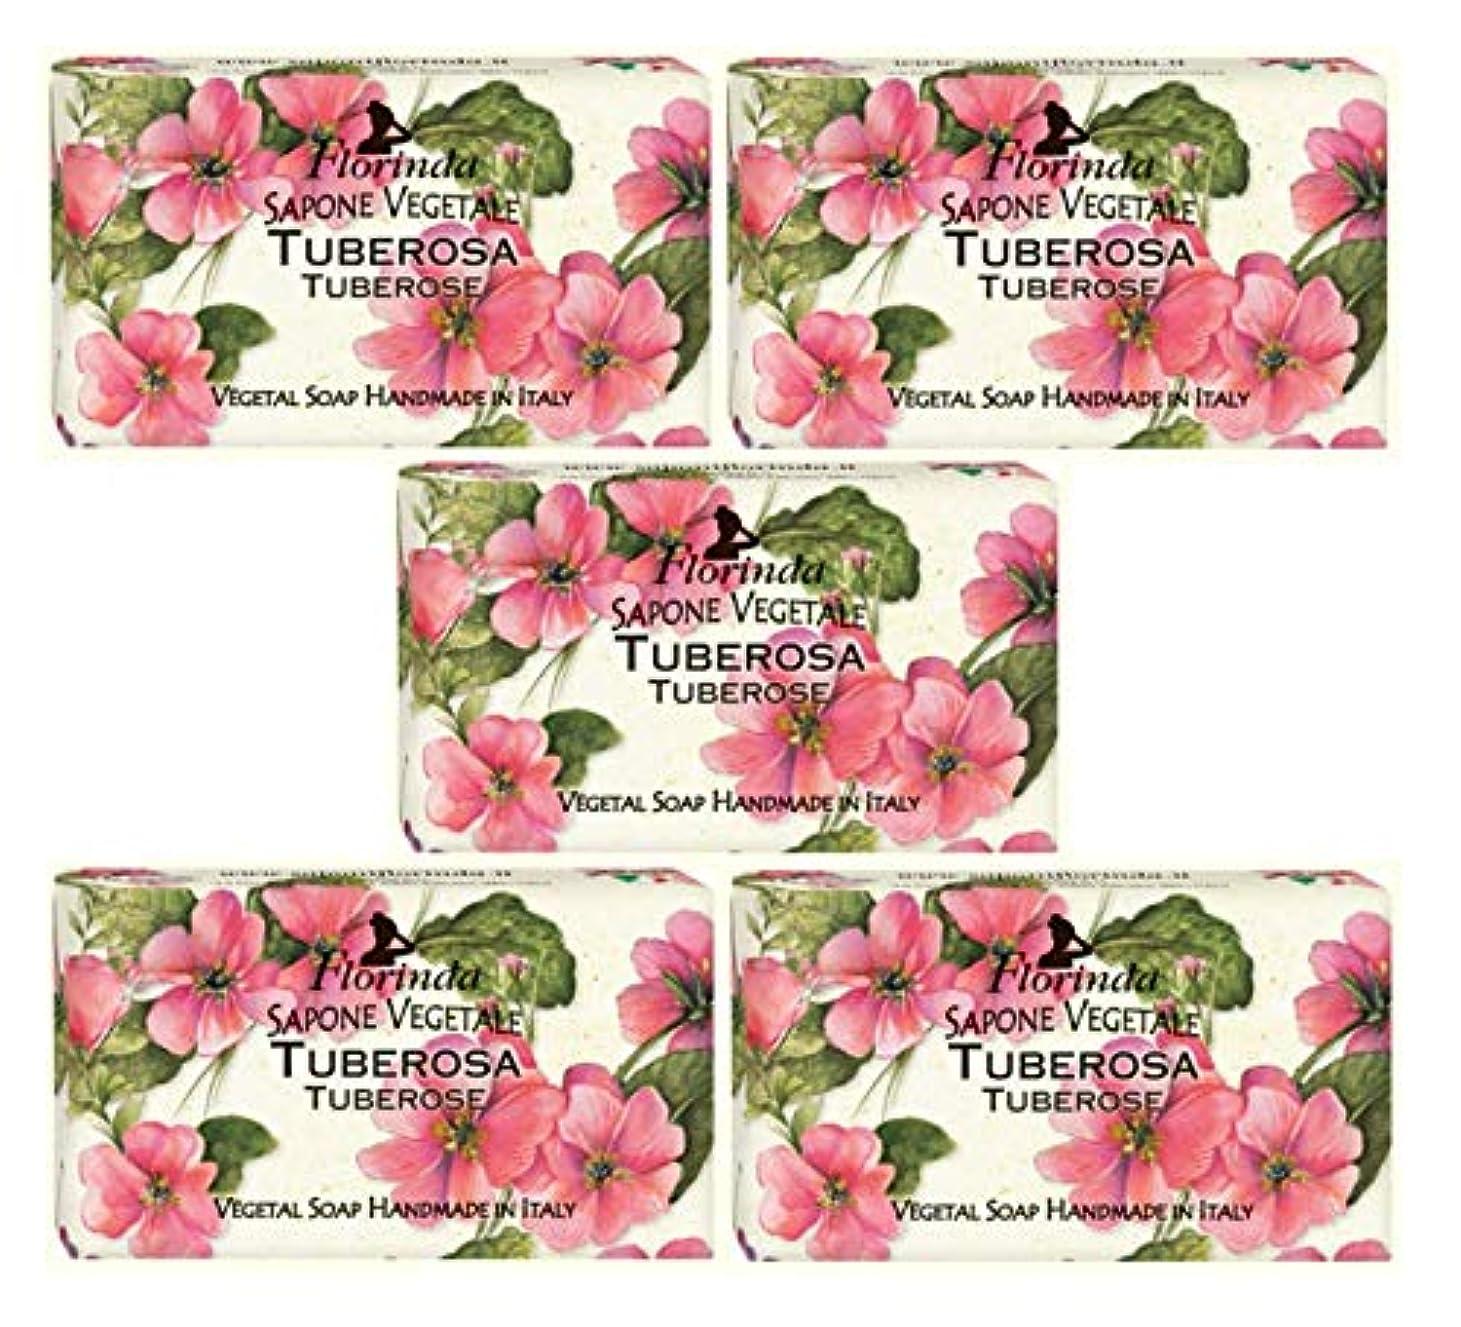 膿瘍申込み関数フロリンダ フレグランスソープ 固形石けん 花の香り チュベローズ 95g×5個セット